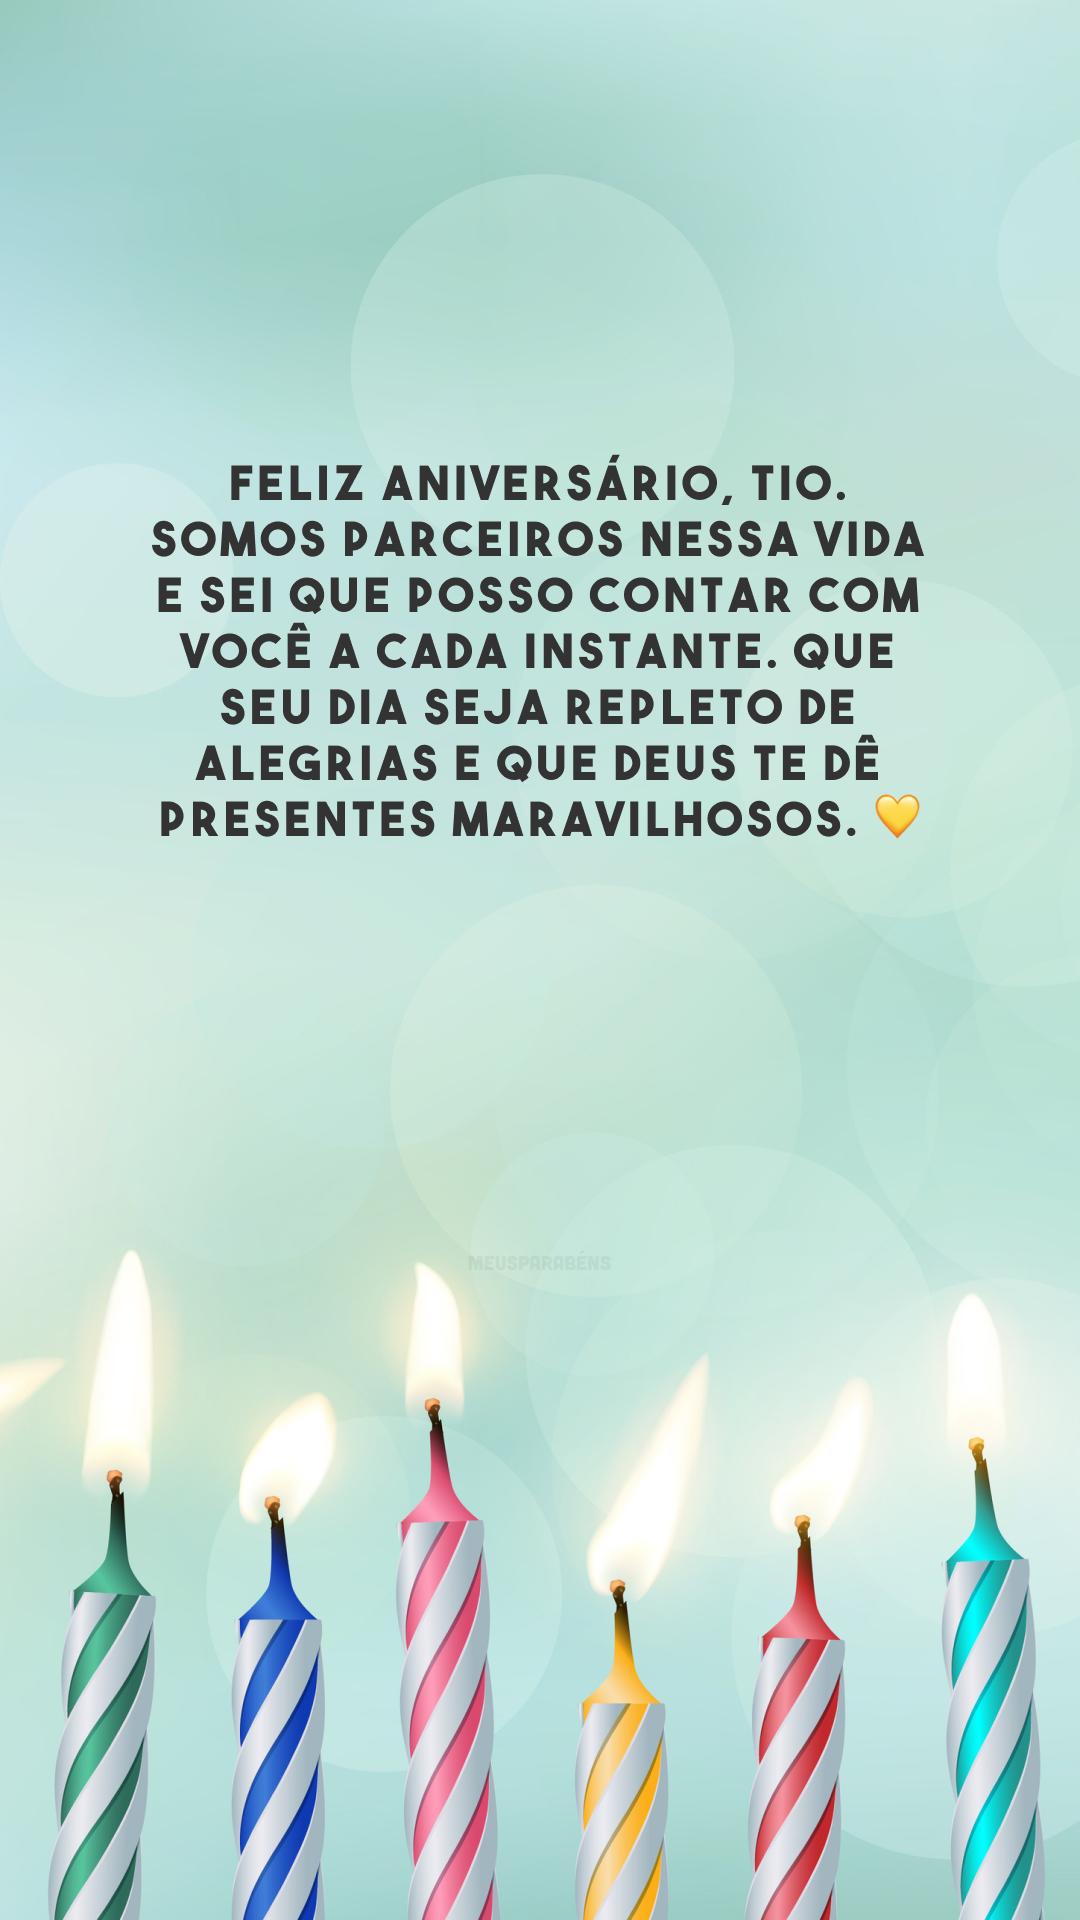 Feliz aniversário, tio. Somos parceiros nessa vida e sei que posso contar com você a cada instante. Que seu dia seja repleto de alegrias e que Deus te dê presentes maravilhosos. 💛